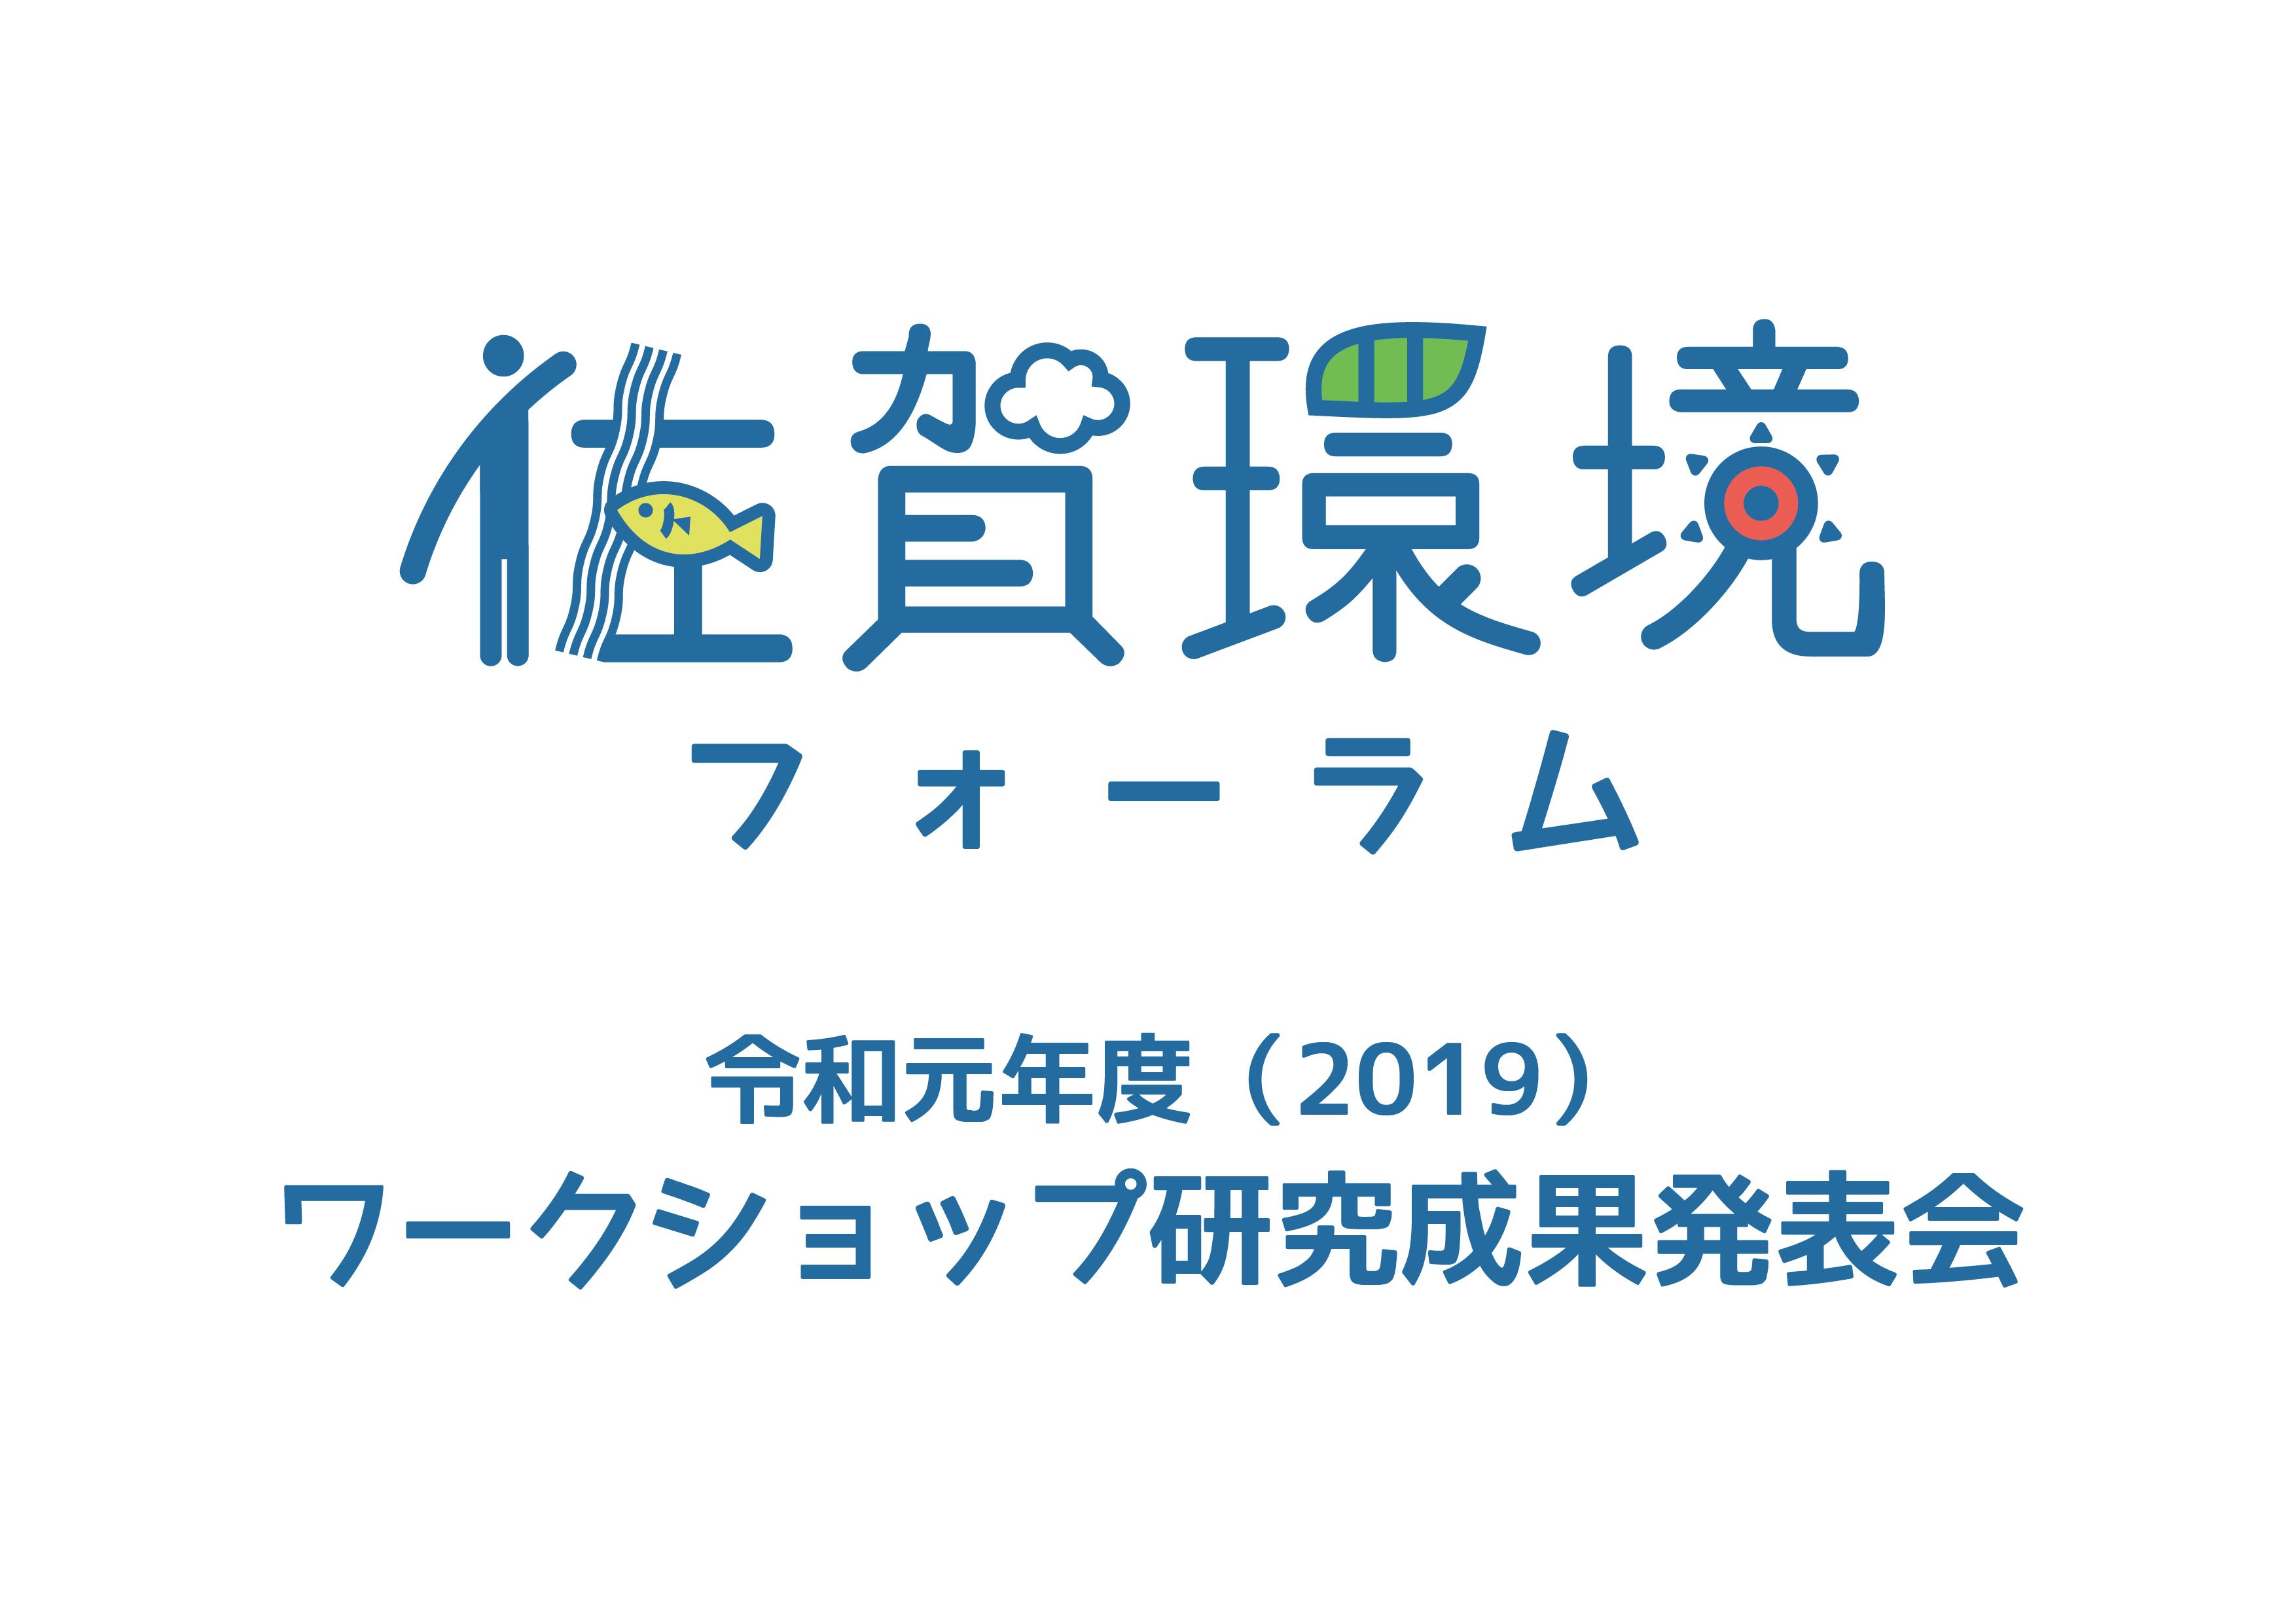 令和元年度佐賀環境フォーラム ワークショップ研究成果発表会・終講式